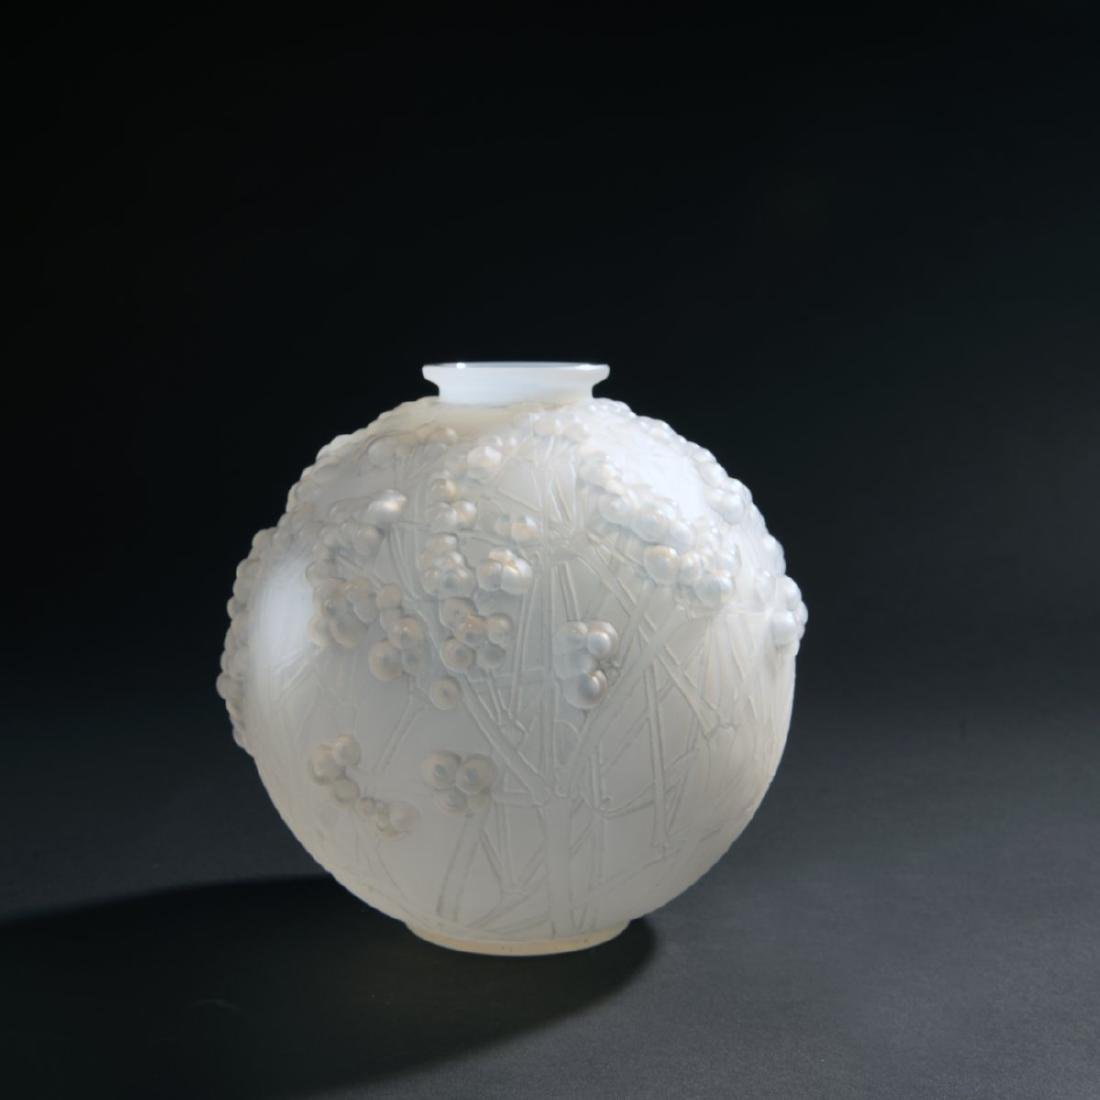 Rene Lalique, 'Druide' vase, 1924